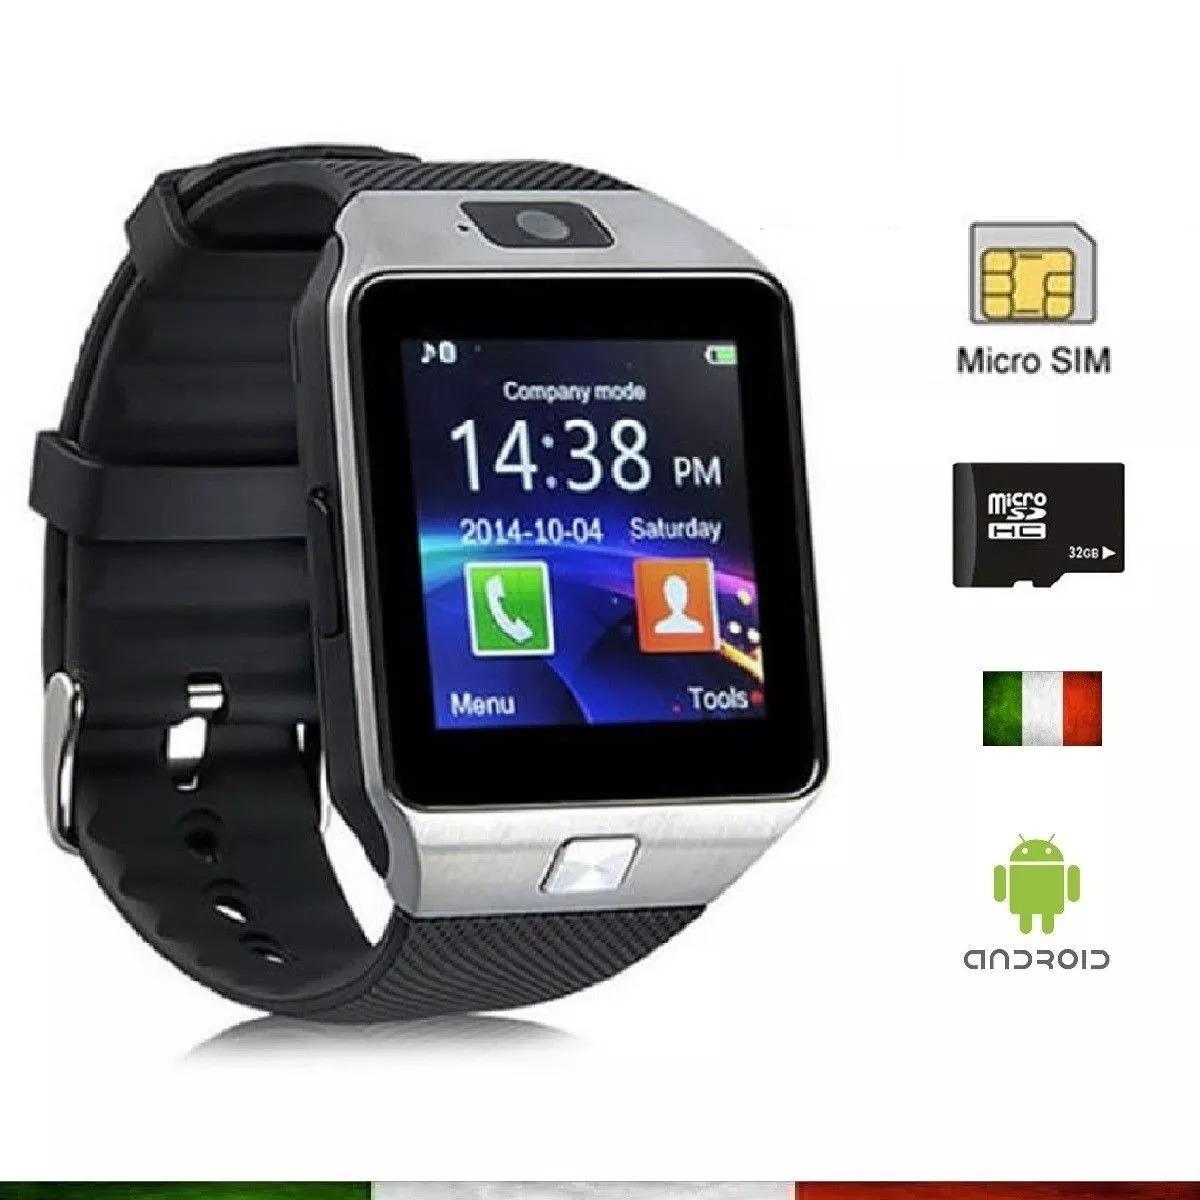 dc8f28251e1 smartwatch dz09 relogio bluetooth inteligente pronta entrega. Carregando  zoom.